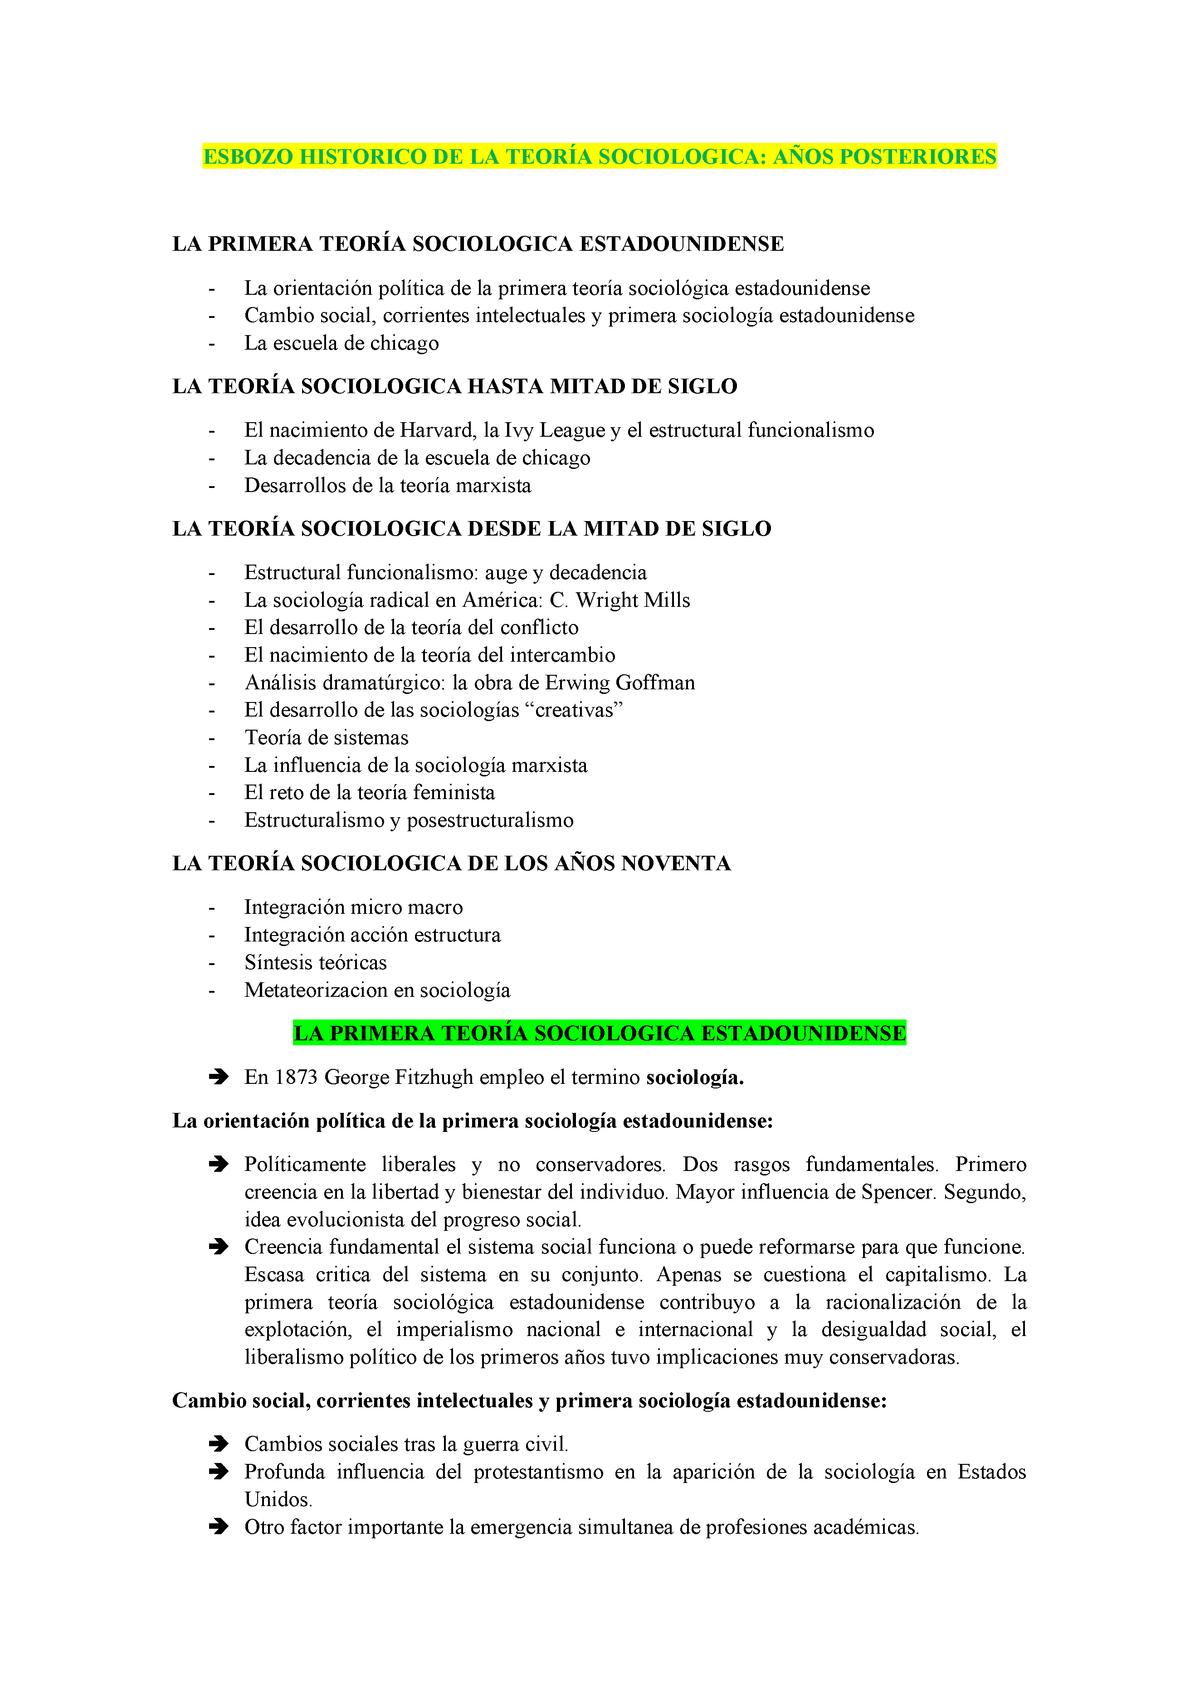 Ritzer Cap 2 Resumen Psicologia Epsi021 Uach Studocu